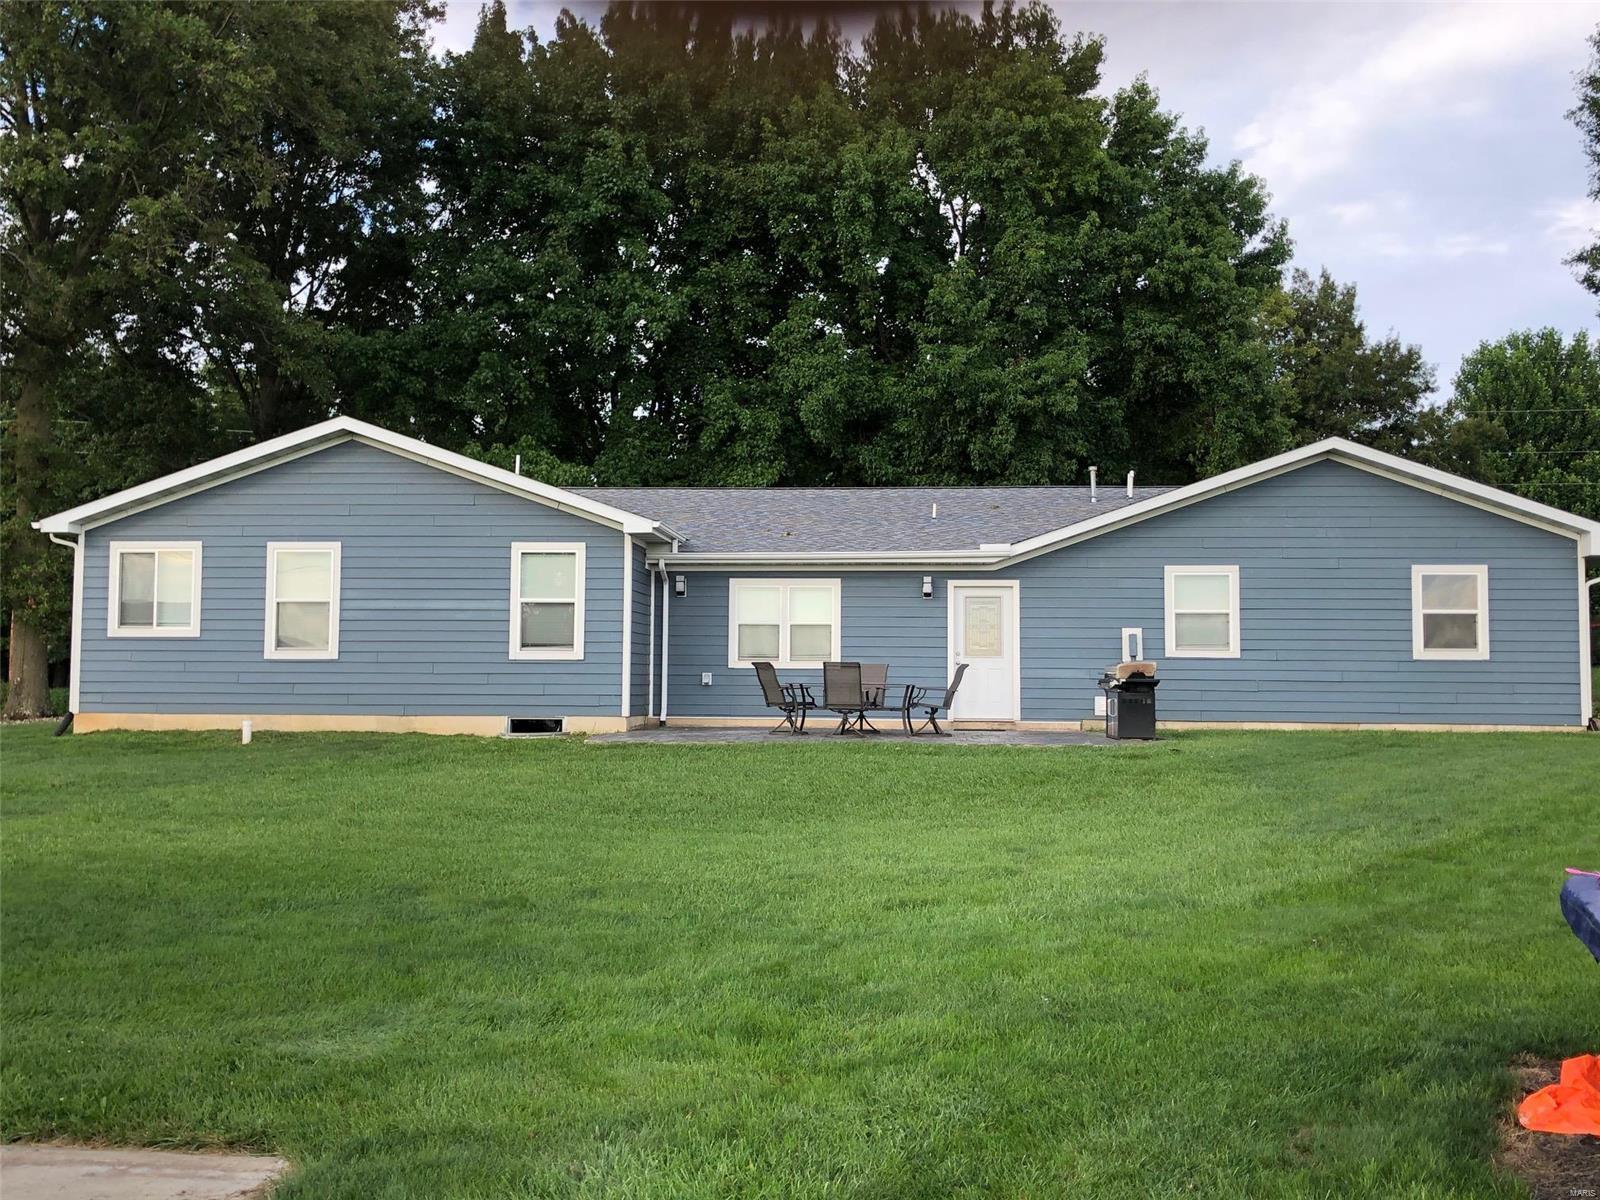 684 IL 185 Property Photo - Vandalia, IL real estate listing